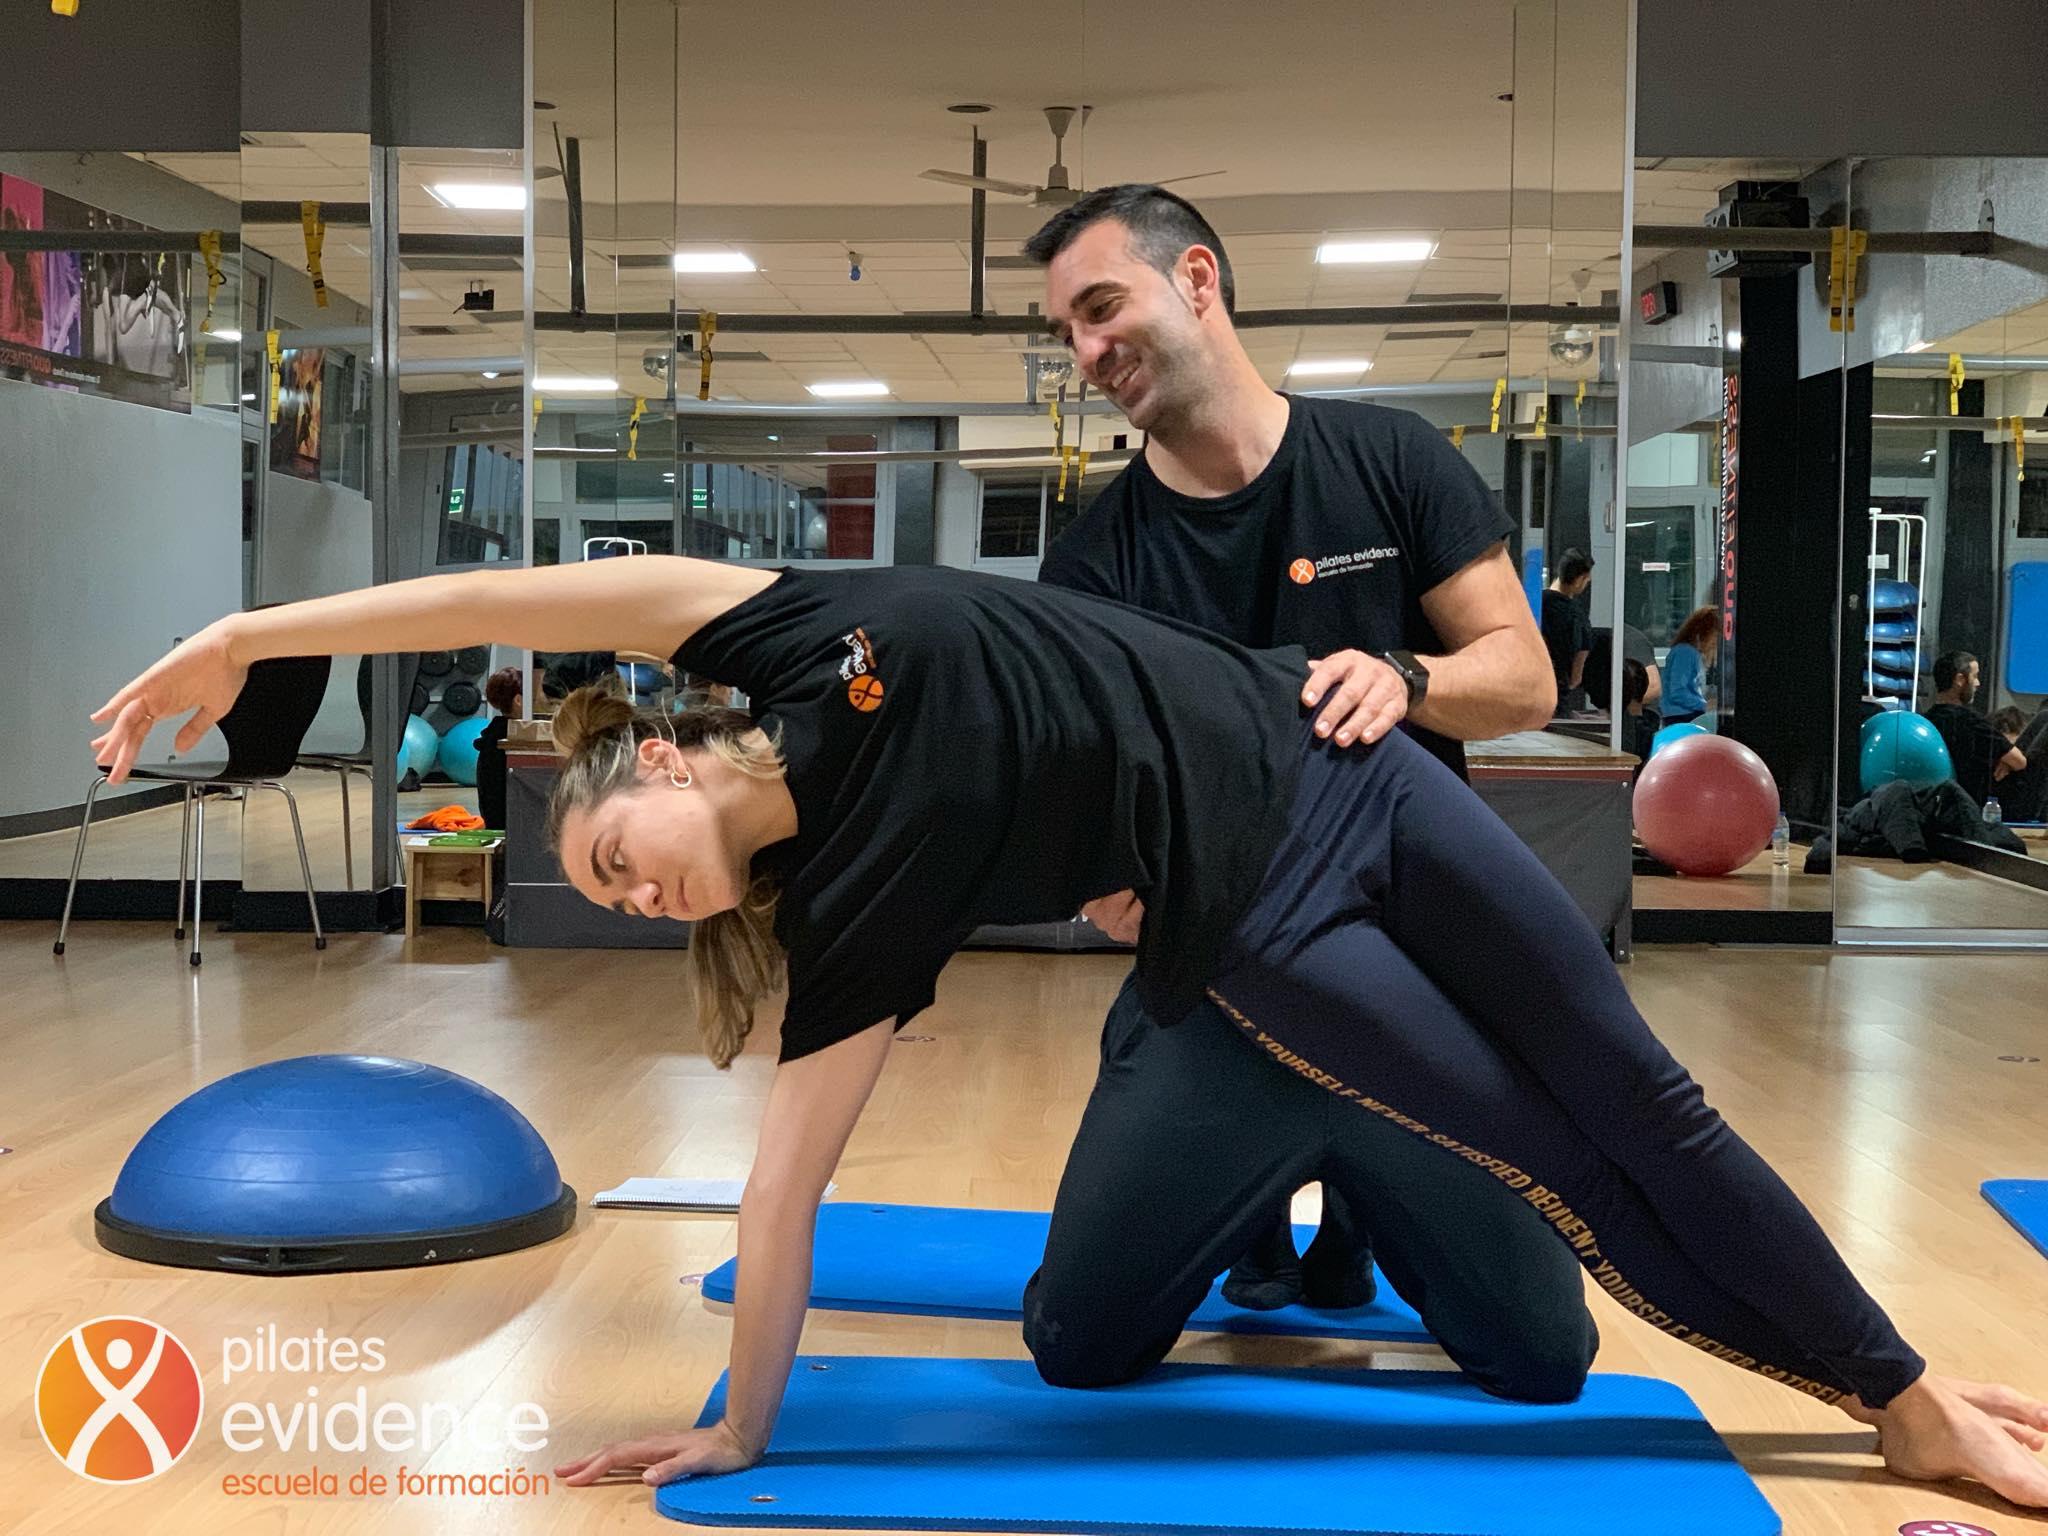 Un instructor de Pilates ayudando a que una alumna domine una nueva técnica de pilates